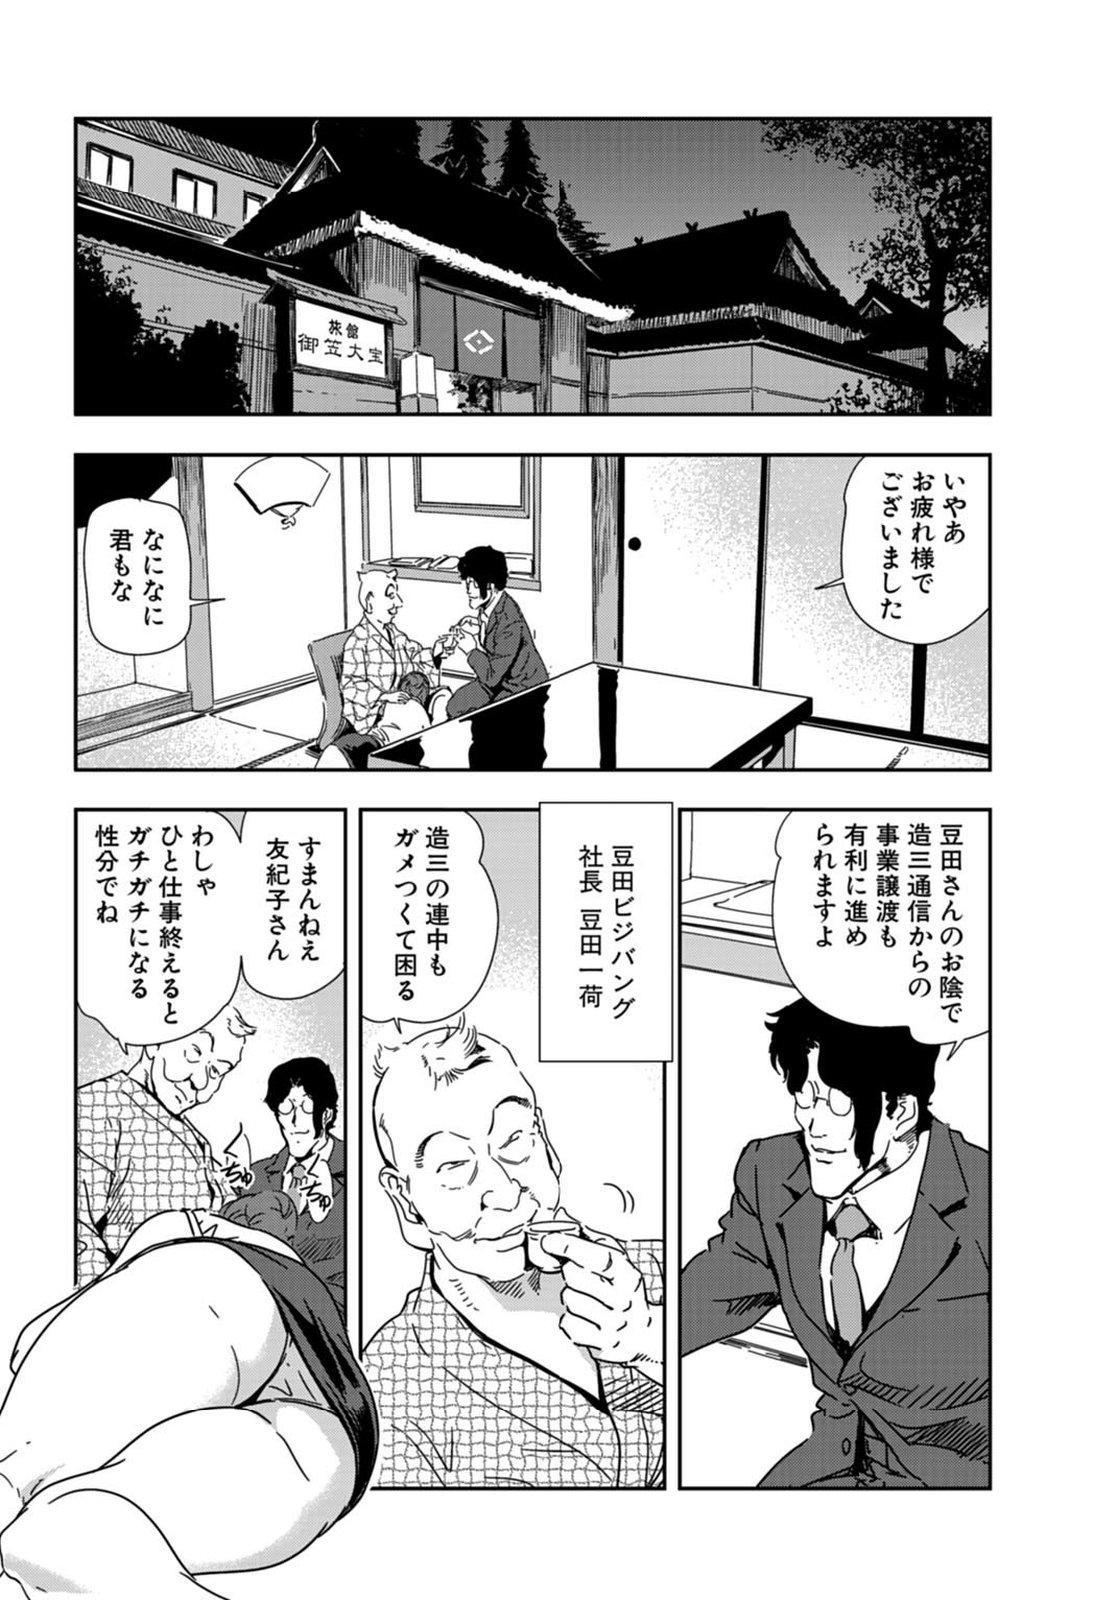 Nikuhisyo Yukiko 21 27